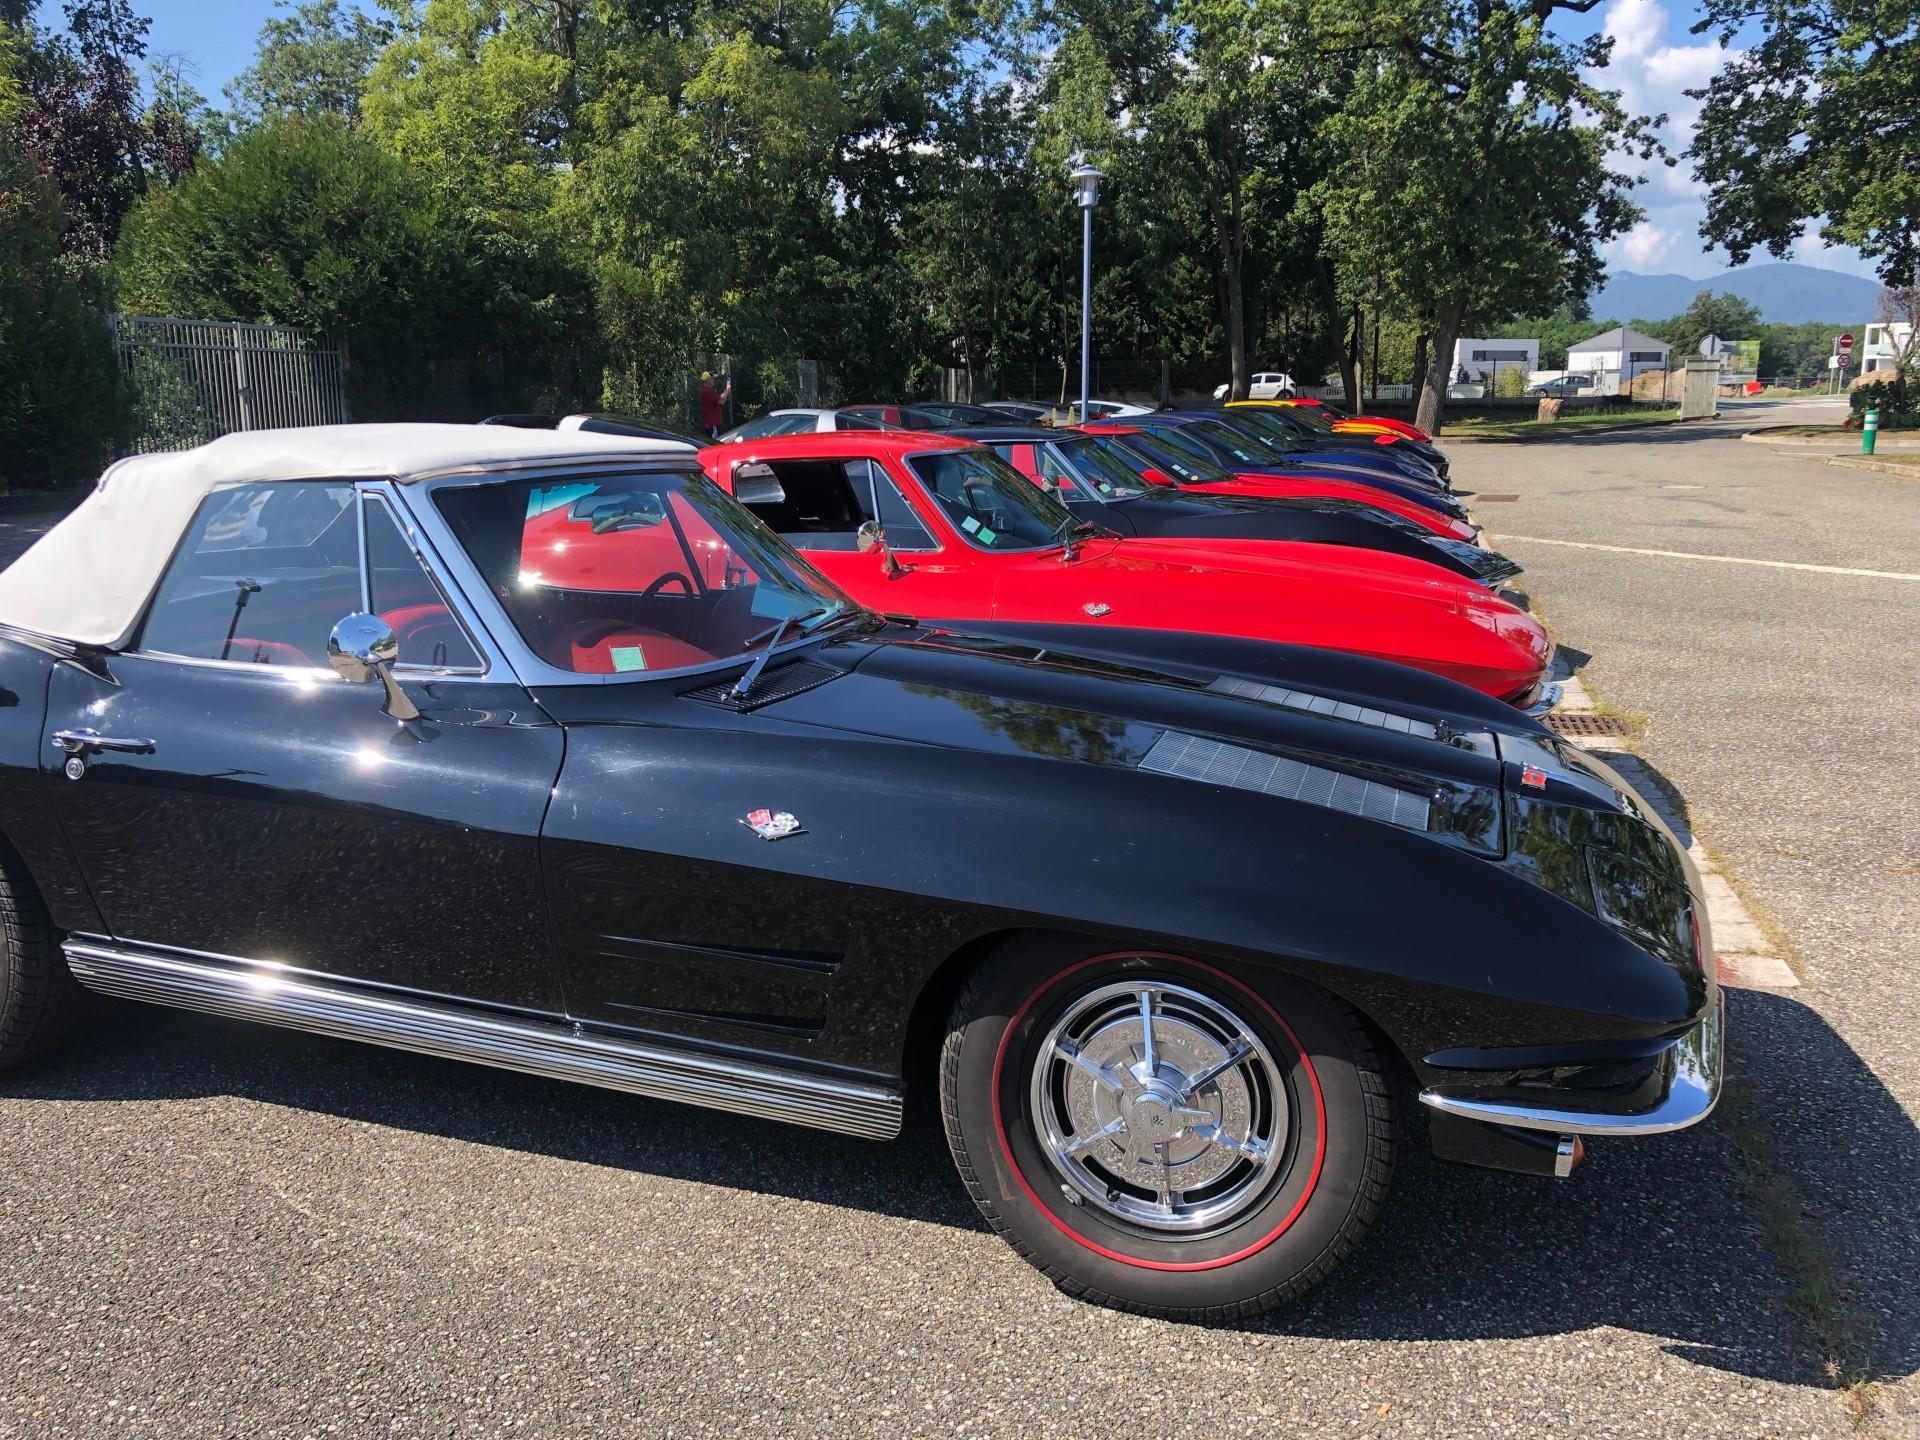 Corvette day 18